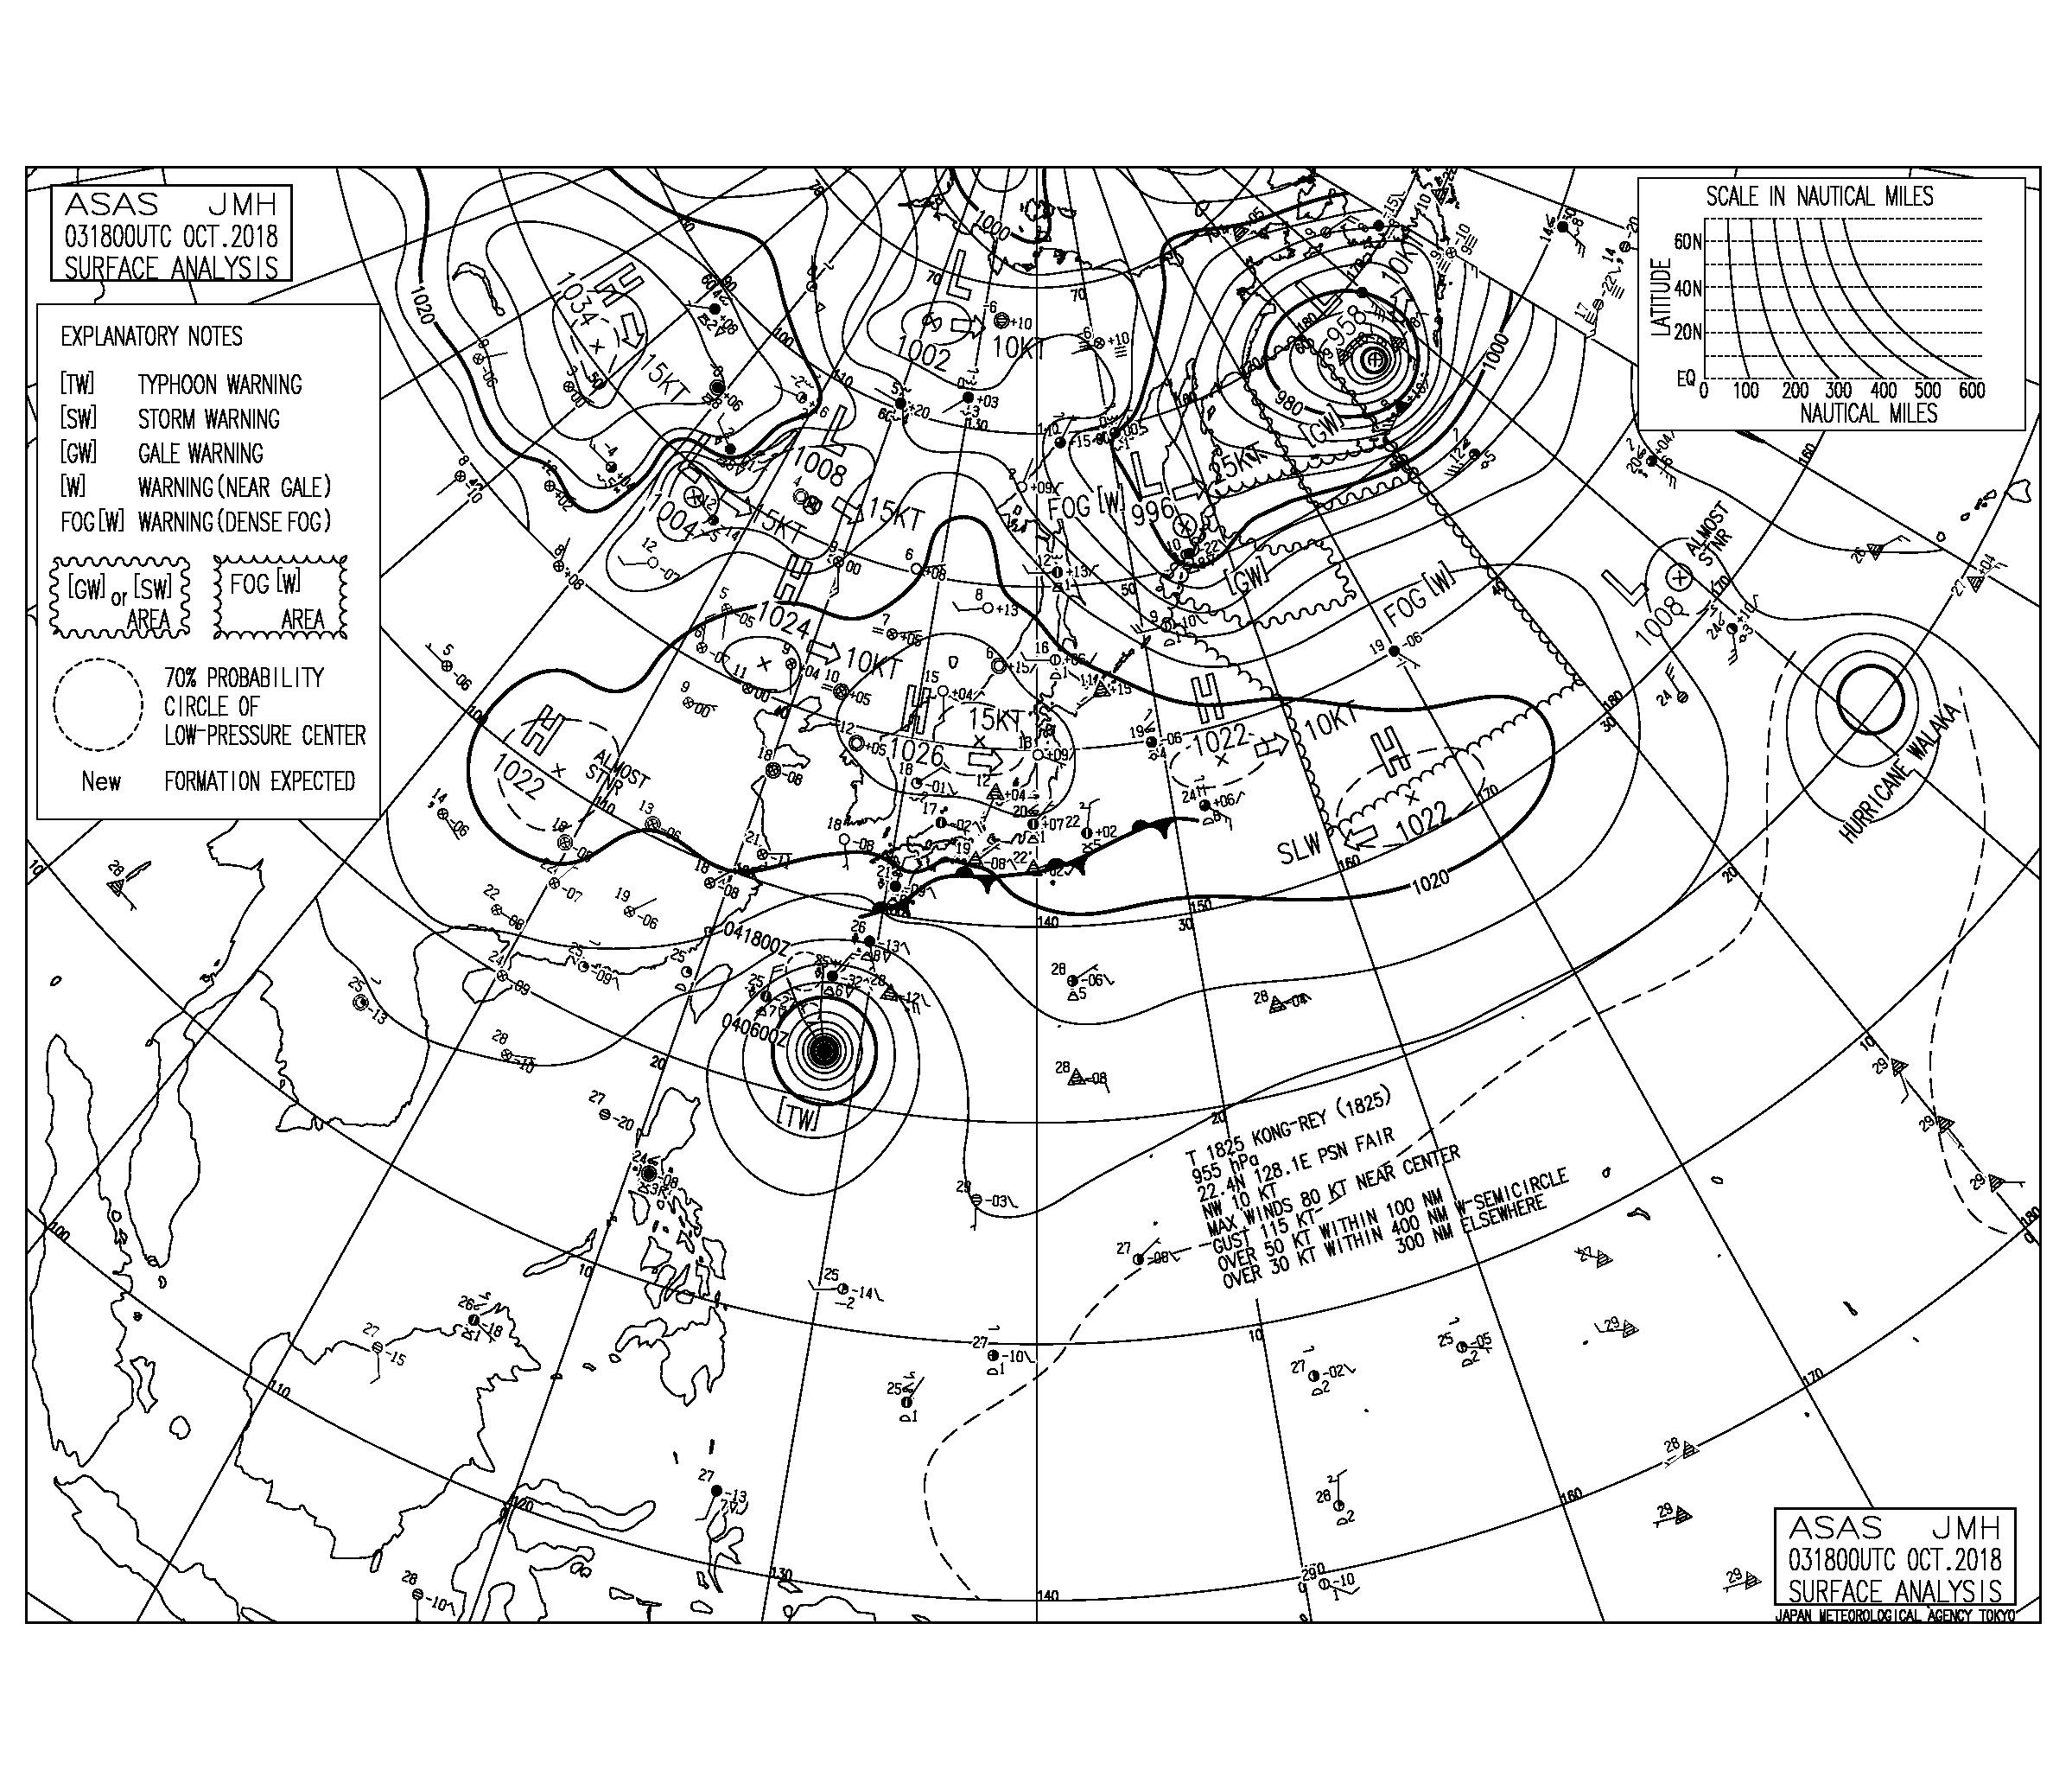 10/4 気圧配置と波情報~台風25号のうねりが湘南でも反応してきた、次第に南西うねりとなり明日と明後日の朝一が狙い目